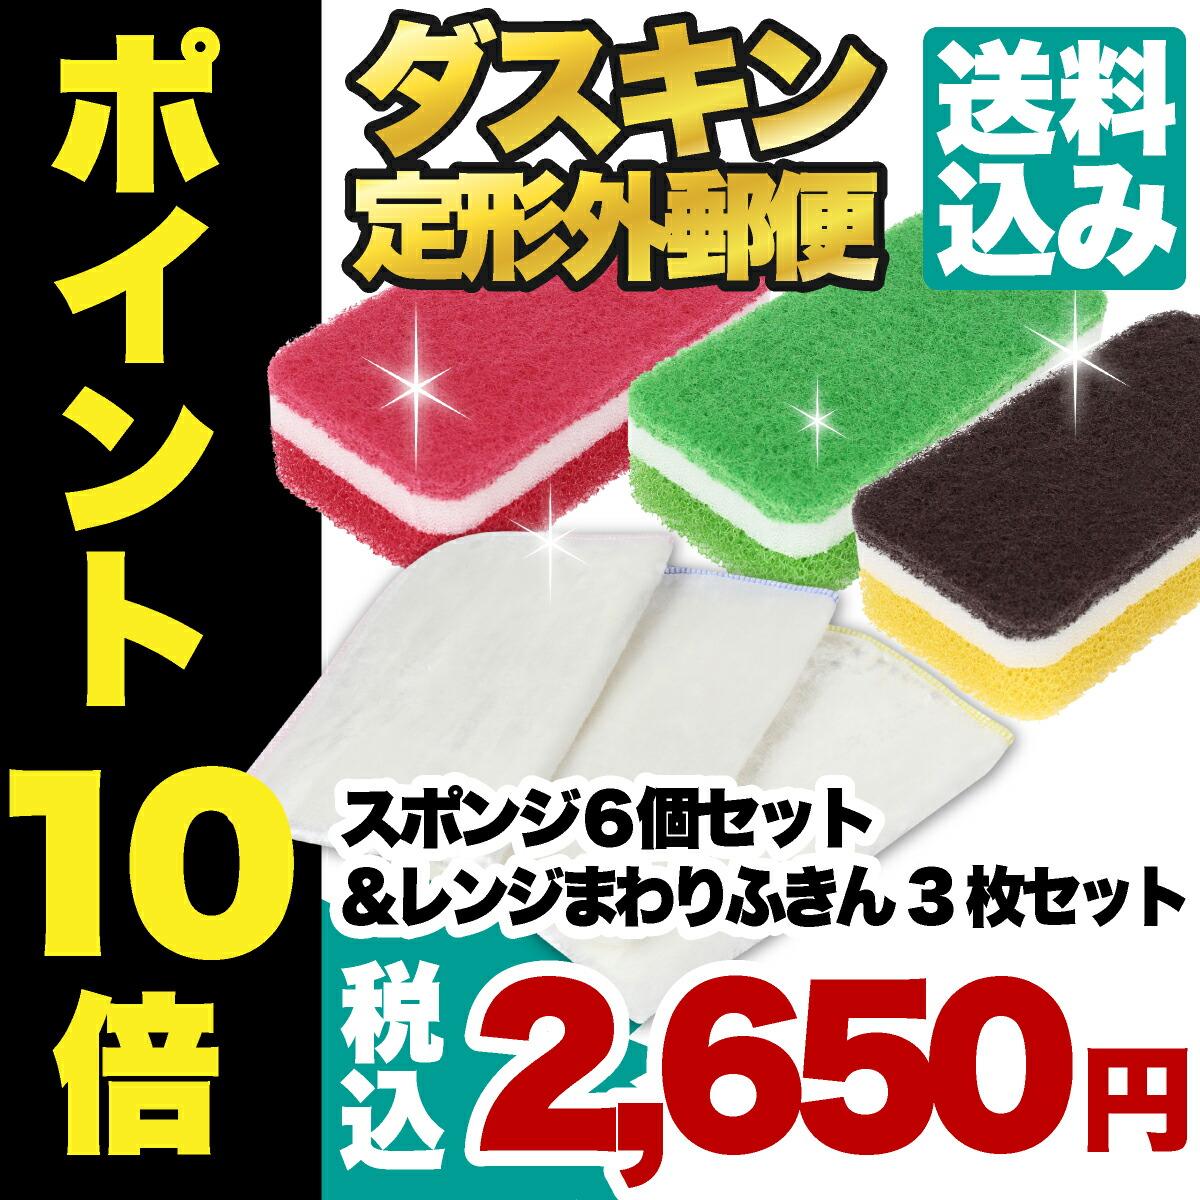 ダスキン3色スポンジ6個セット&レンジまわりふきん3枚入りセット